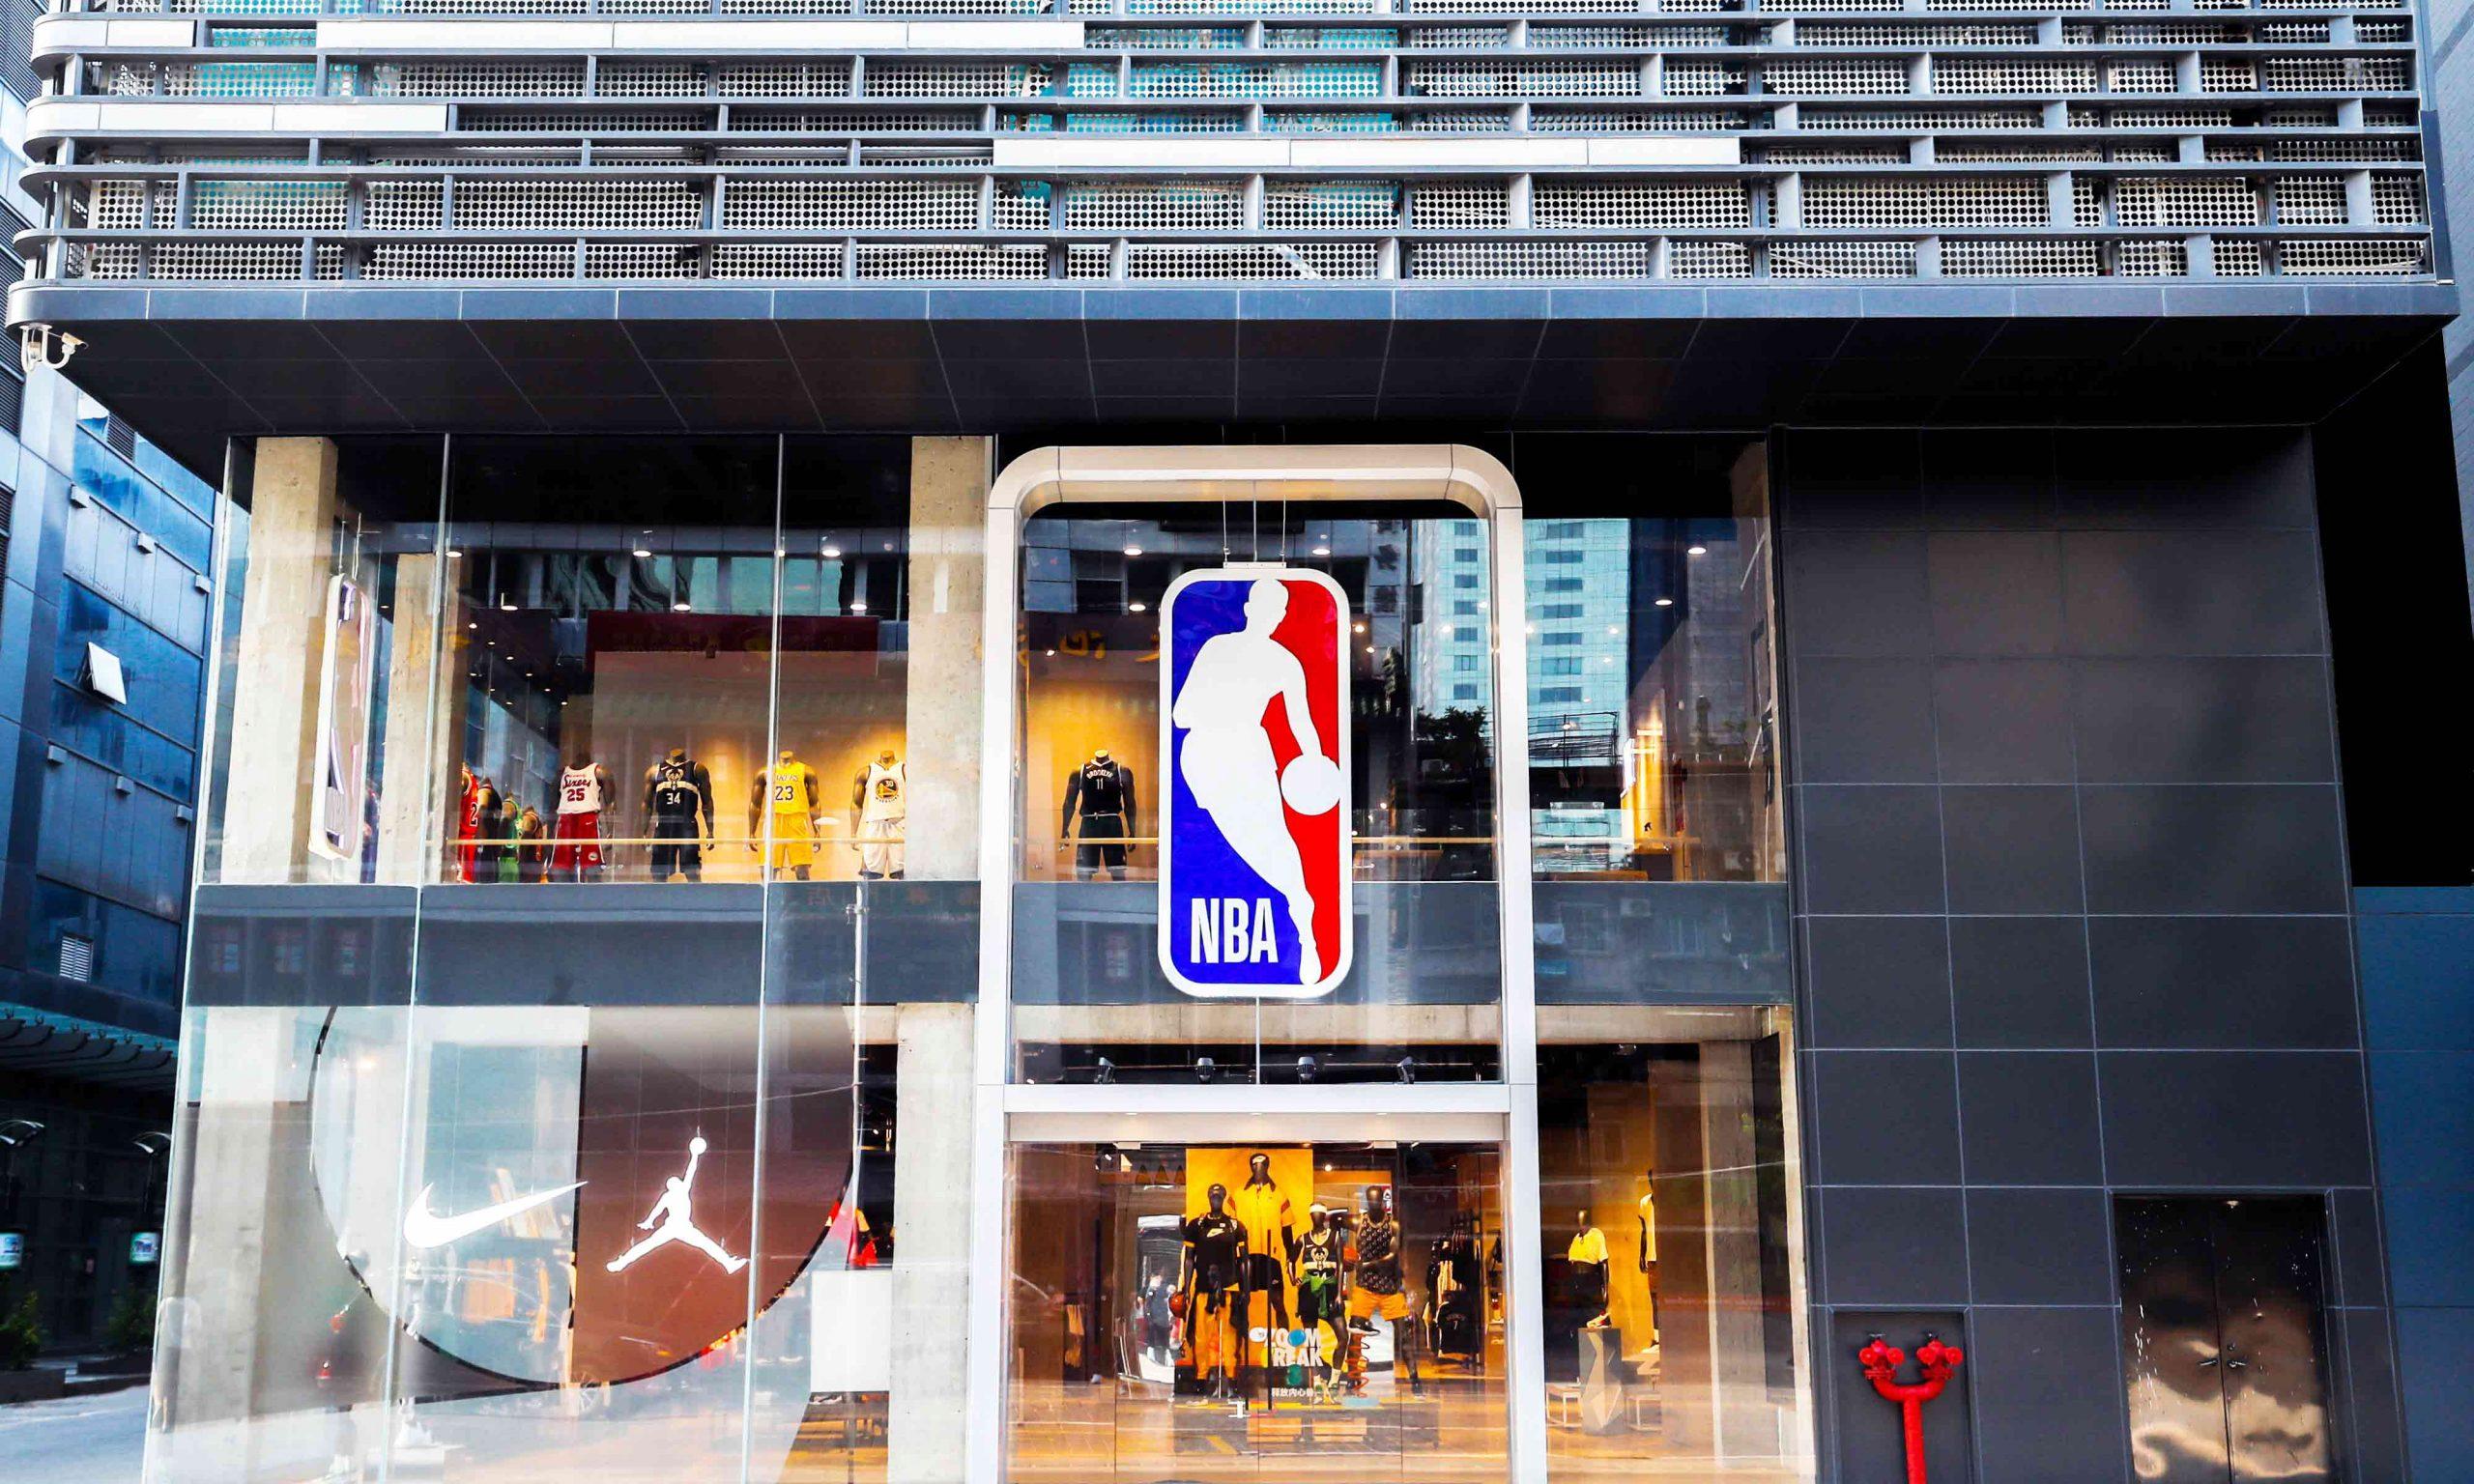 全球最大 NBA 旗舰店今日于广州揭幕